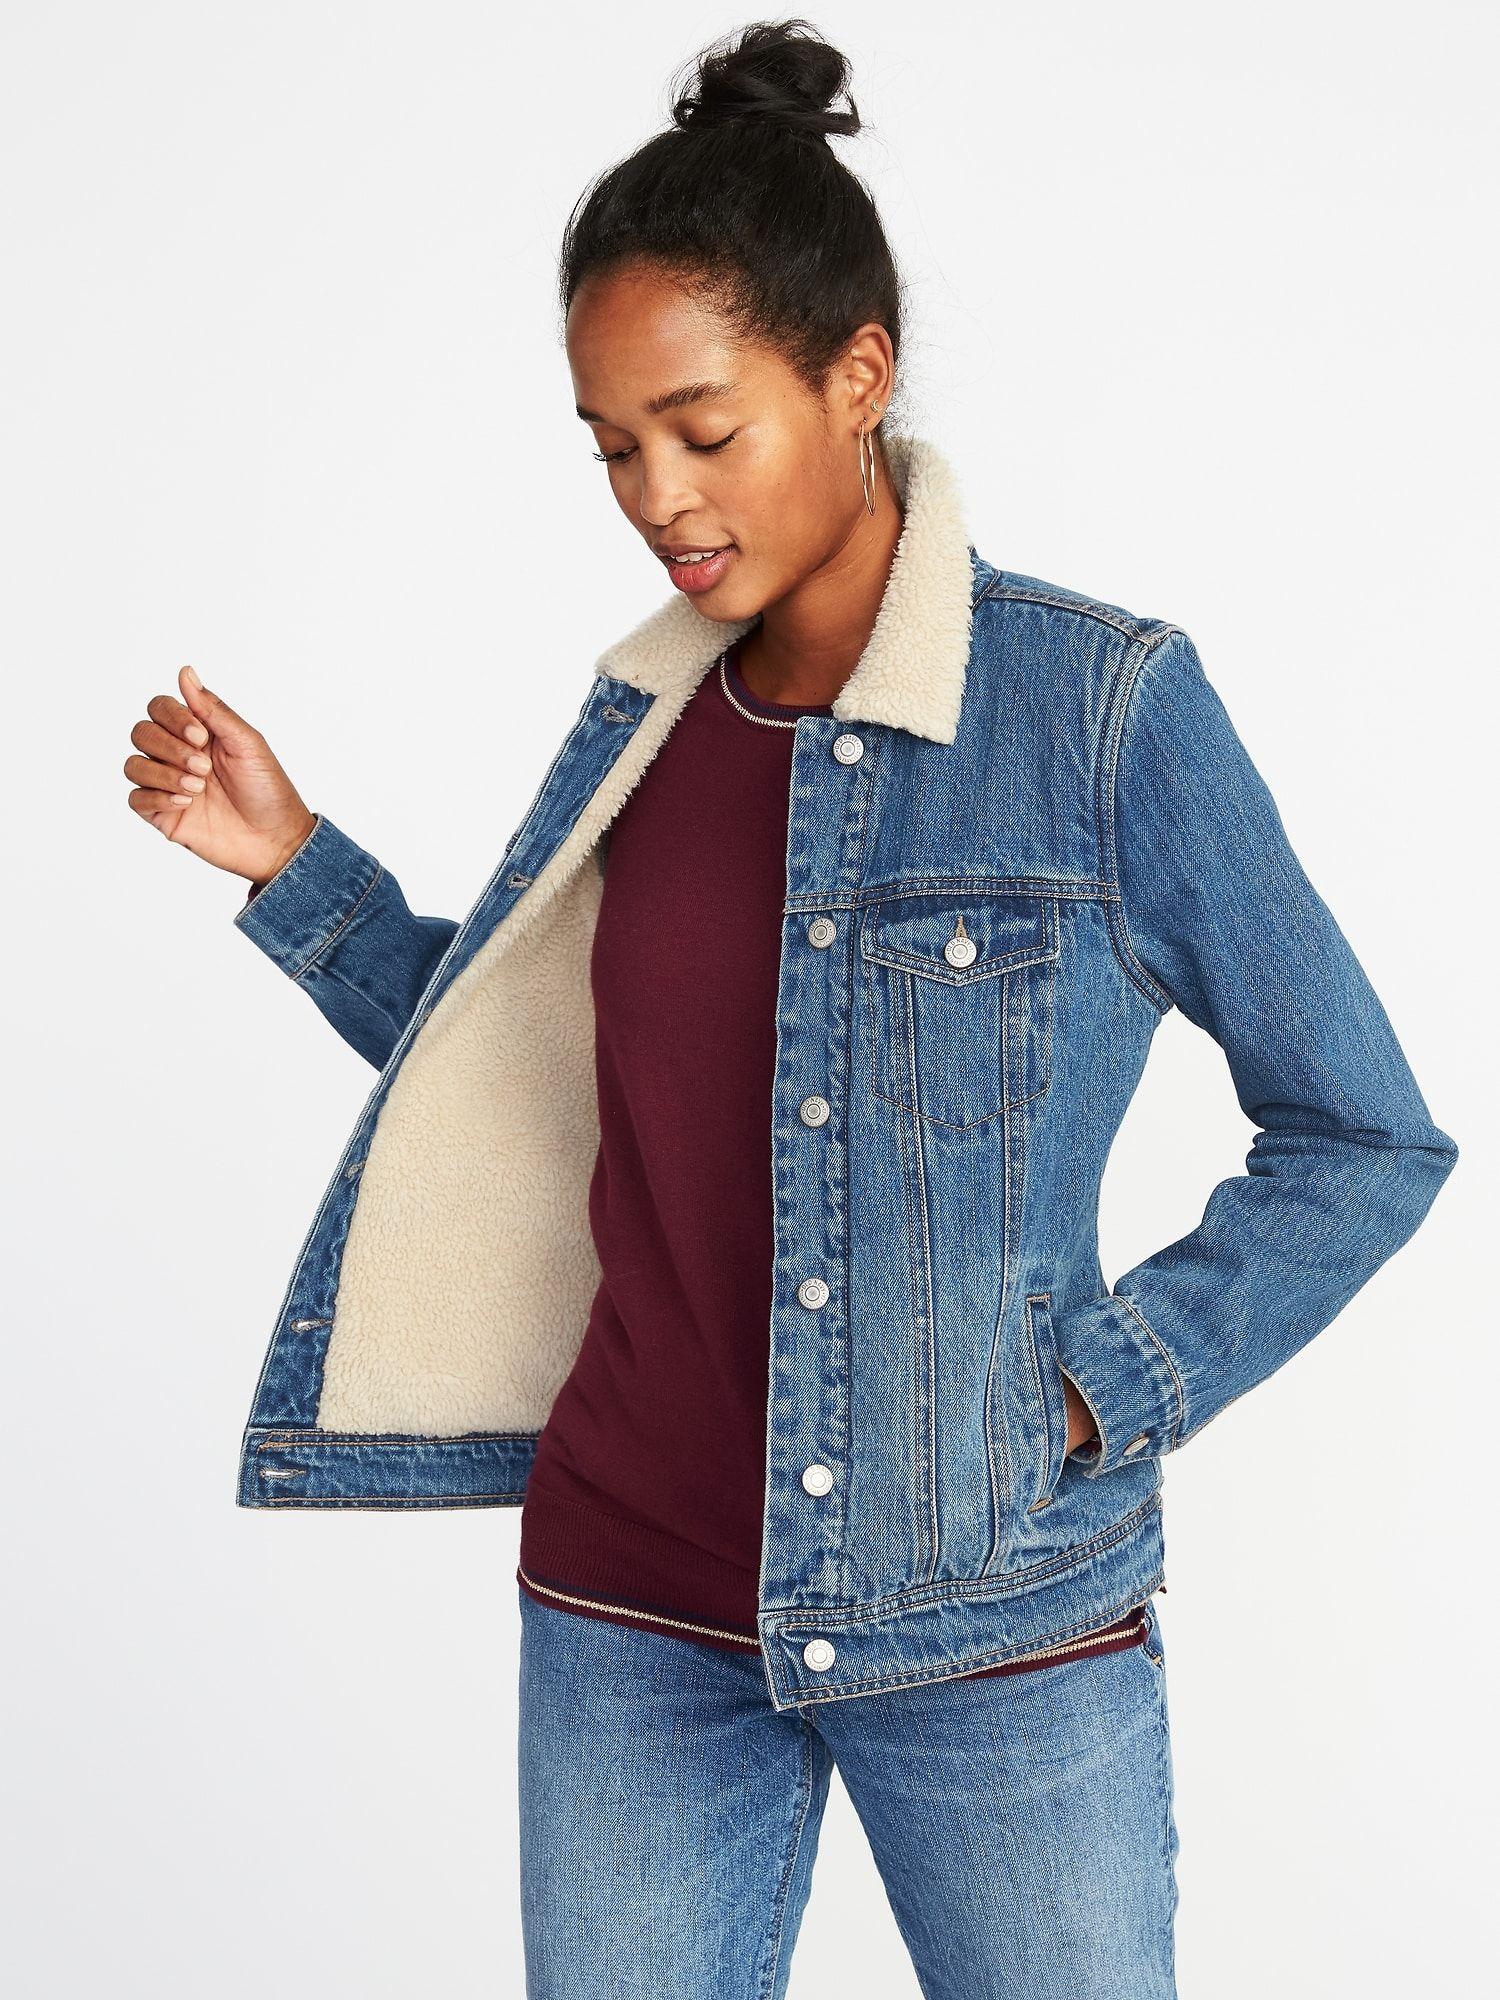 Sherpa Lined Denim Jacket For Women Old Navy Sherpa Lined Denim Jacket Lined Denim Jacket Denim Jacket Women [ 2000 x 1500 Pixel ]